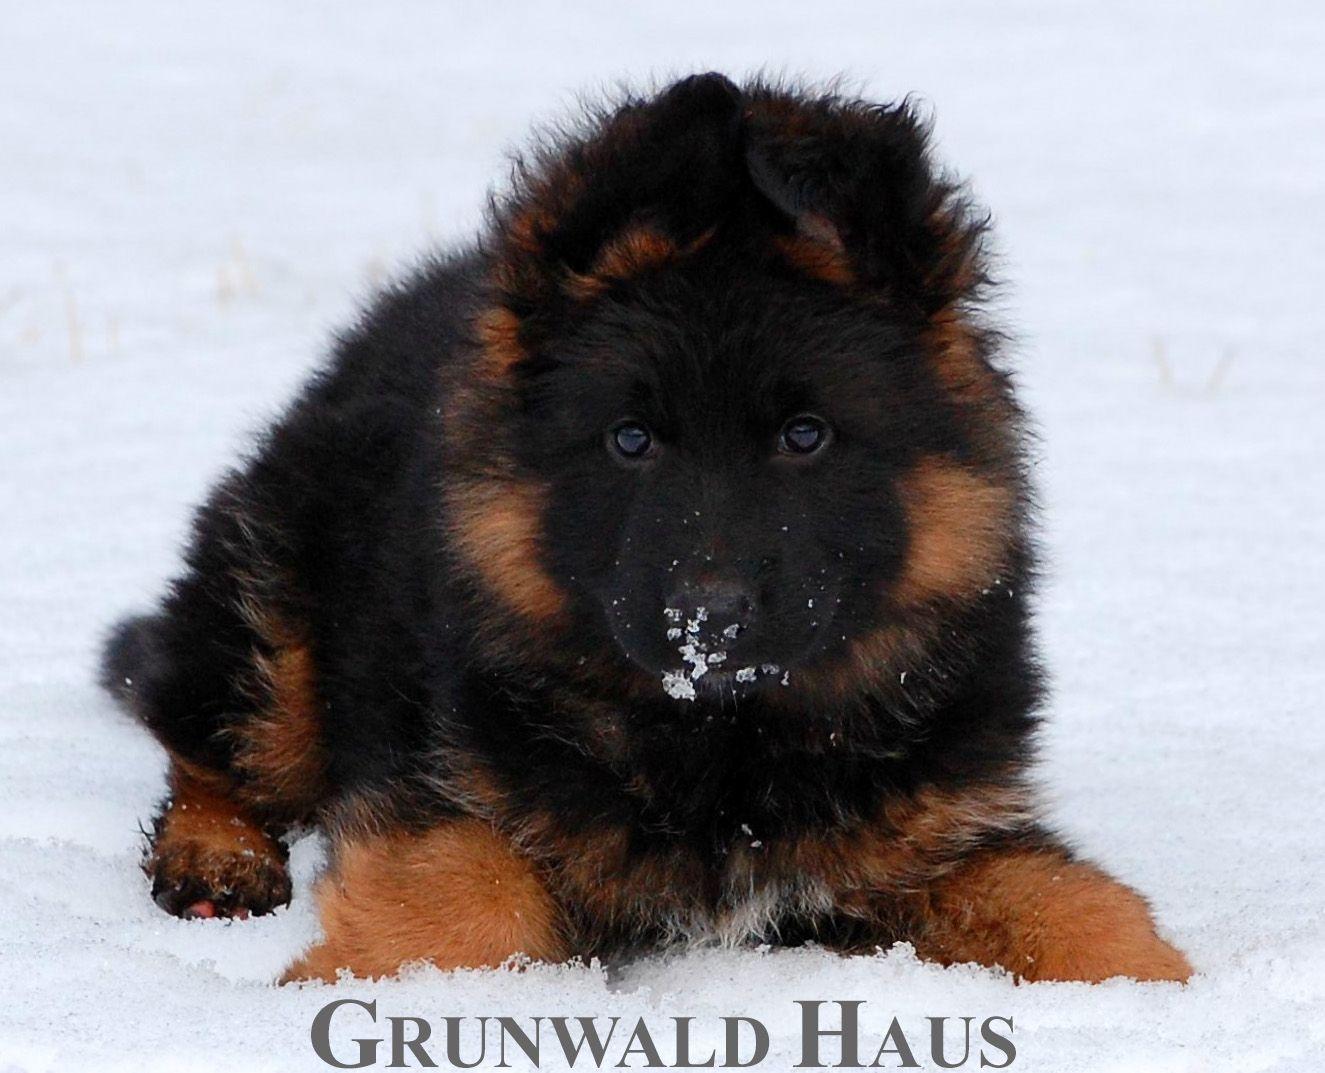 10 Week Old Long Coat German Shepherd Puppy Jax Vom Grunwald Haus German Shepherd Puppies German Shepherd Breeders German Shepherd